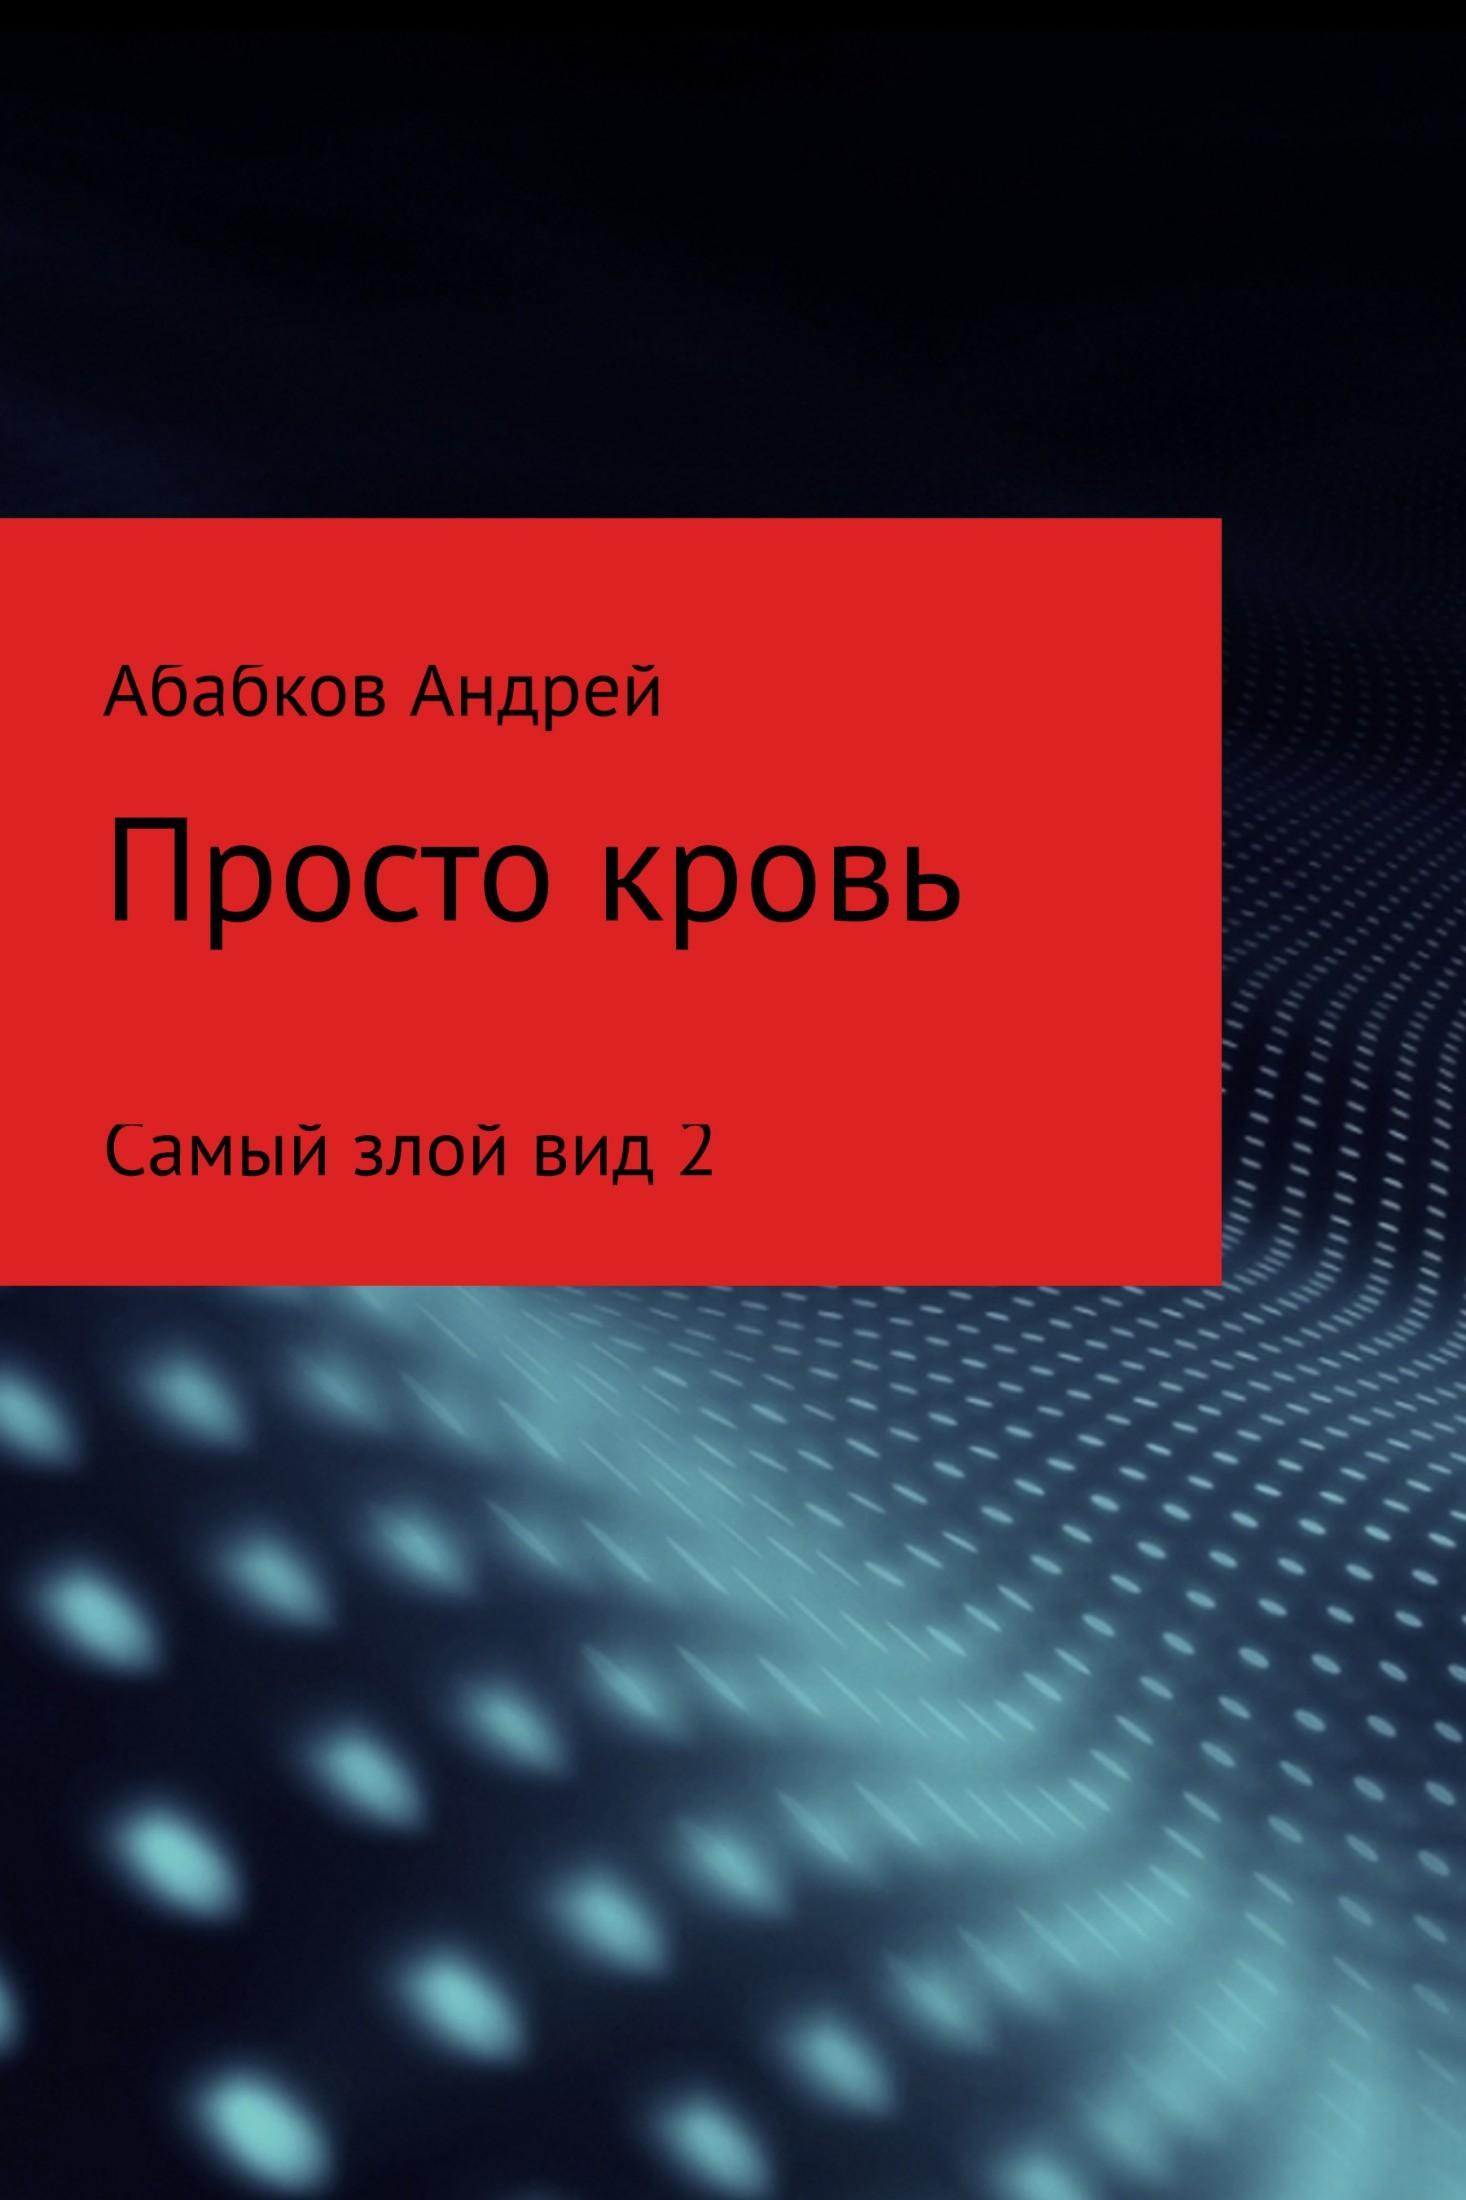 Андрей С Абабков. Самый злой вид 2. Просто кровь